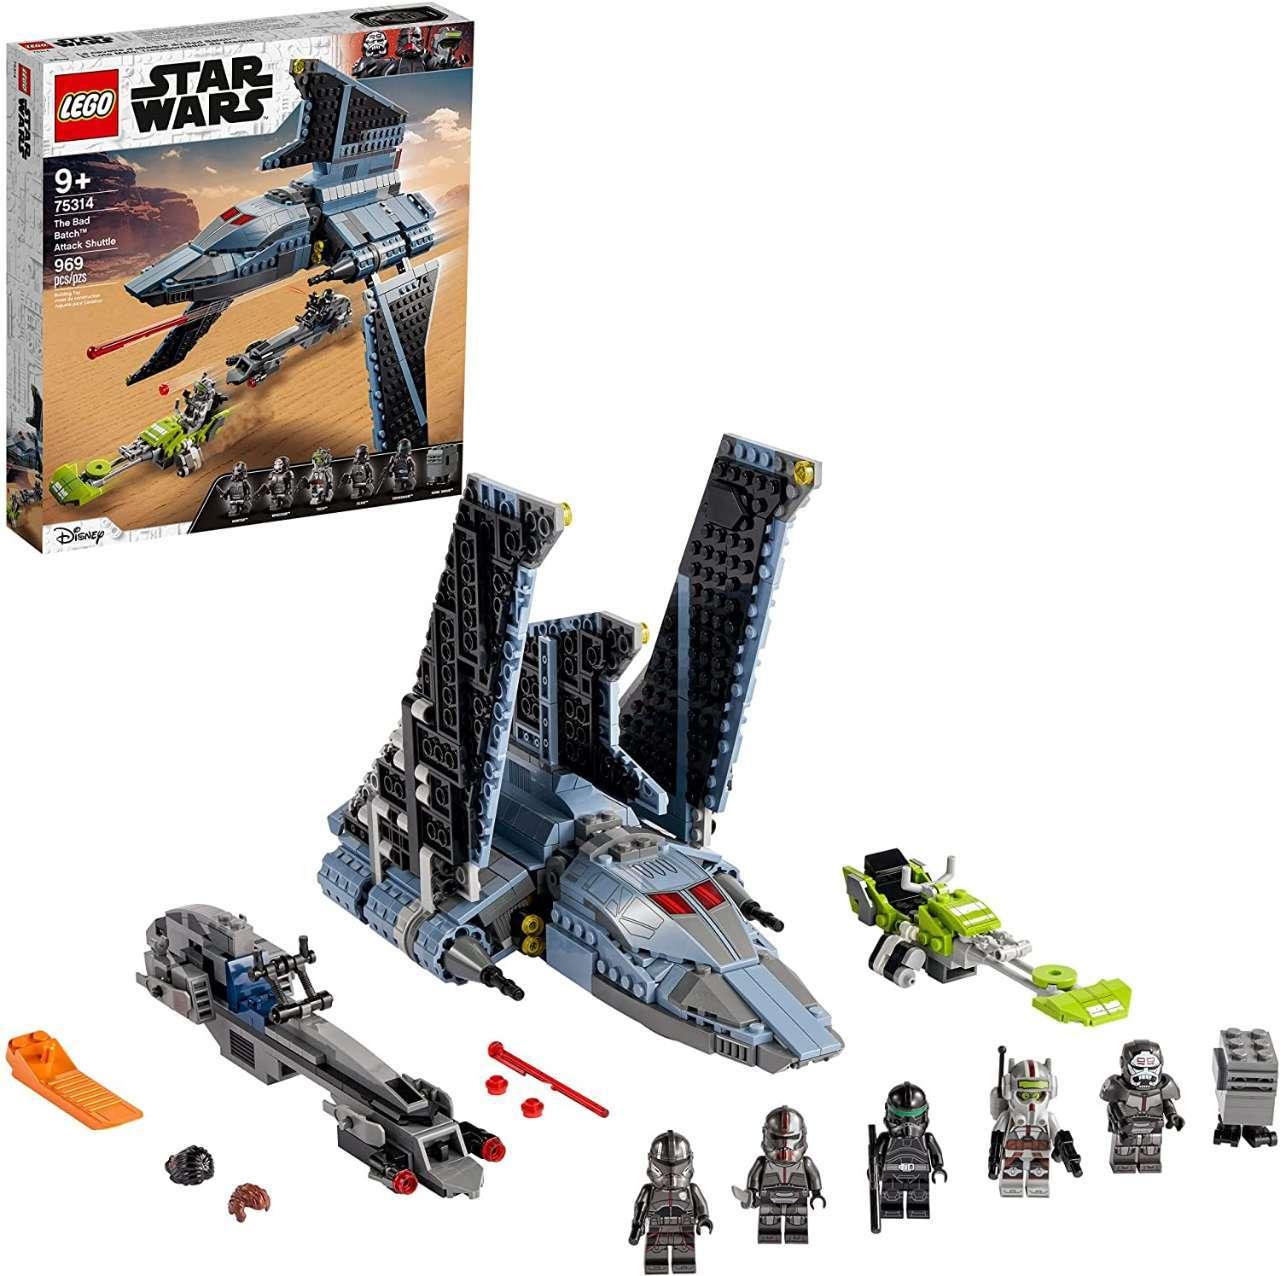 lego-star-wars-bad-batch-attack-shuttle-3